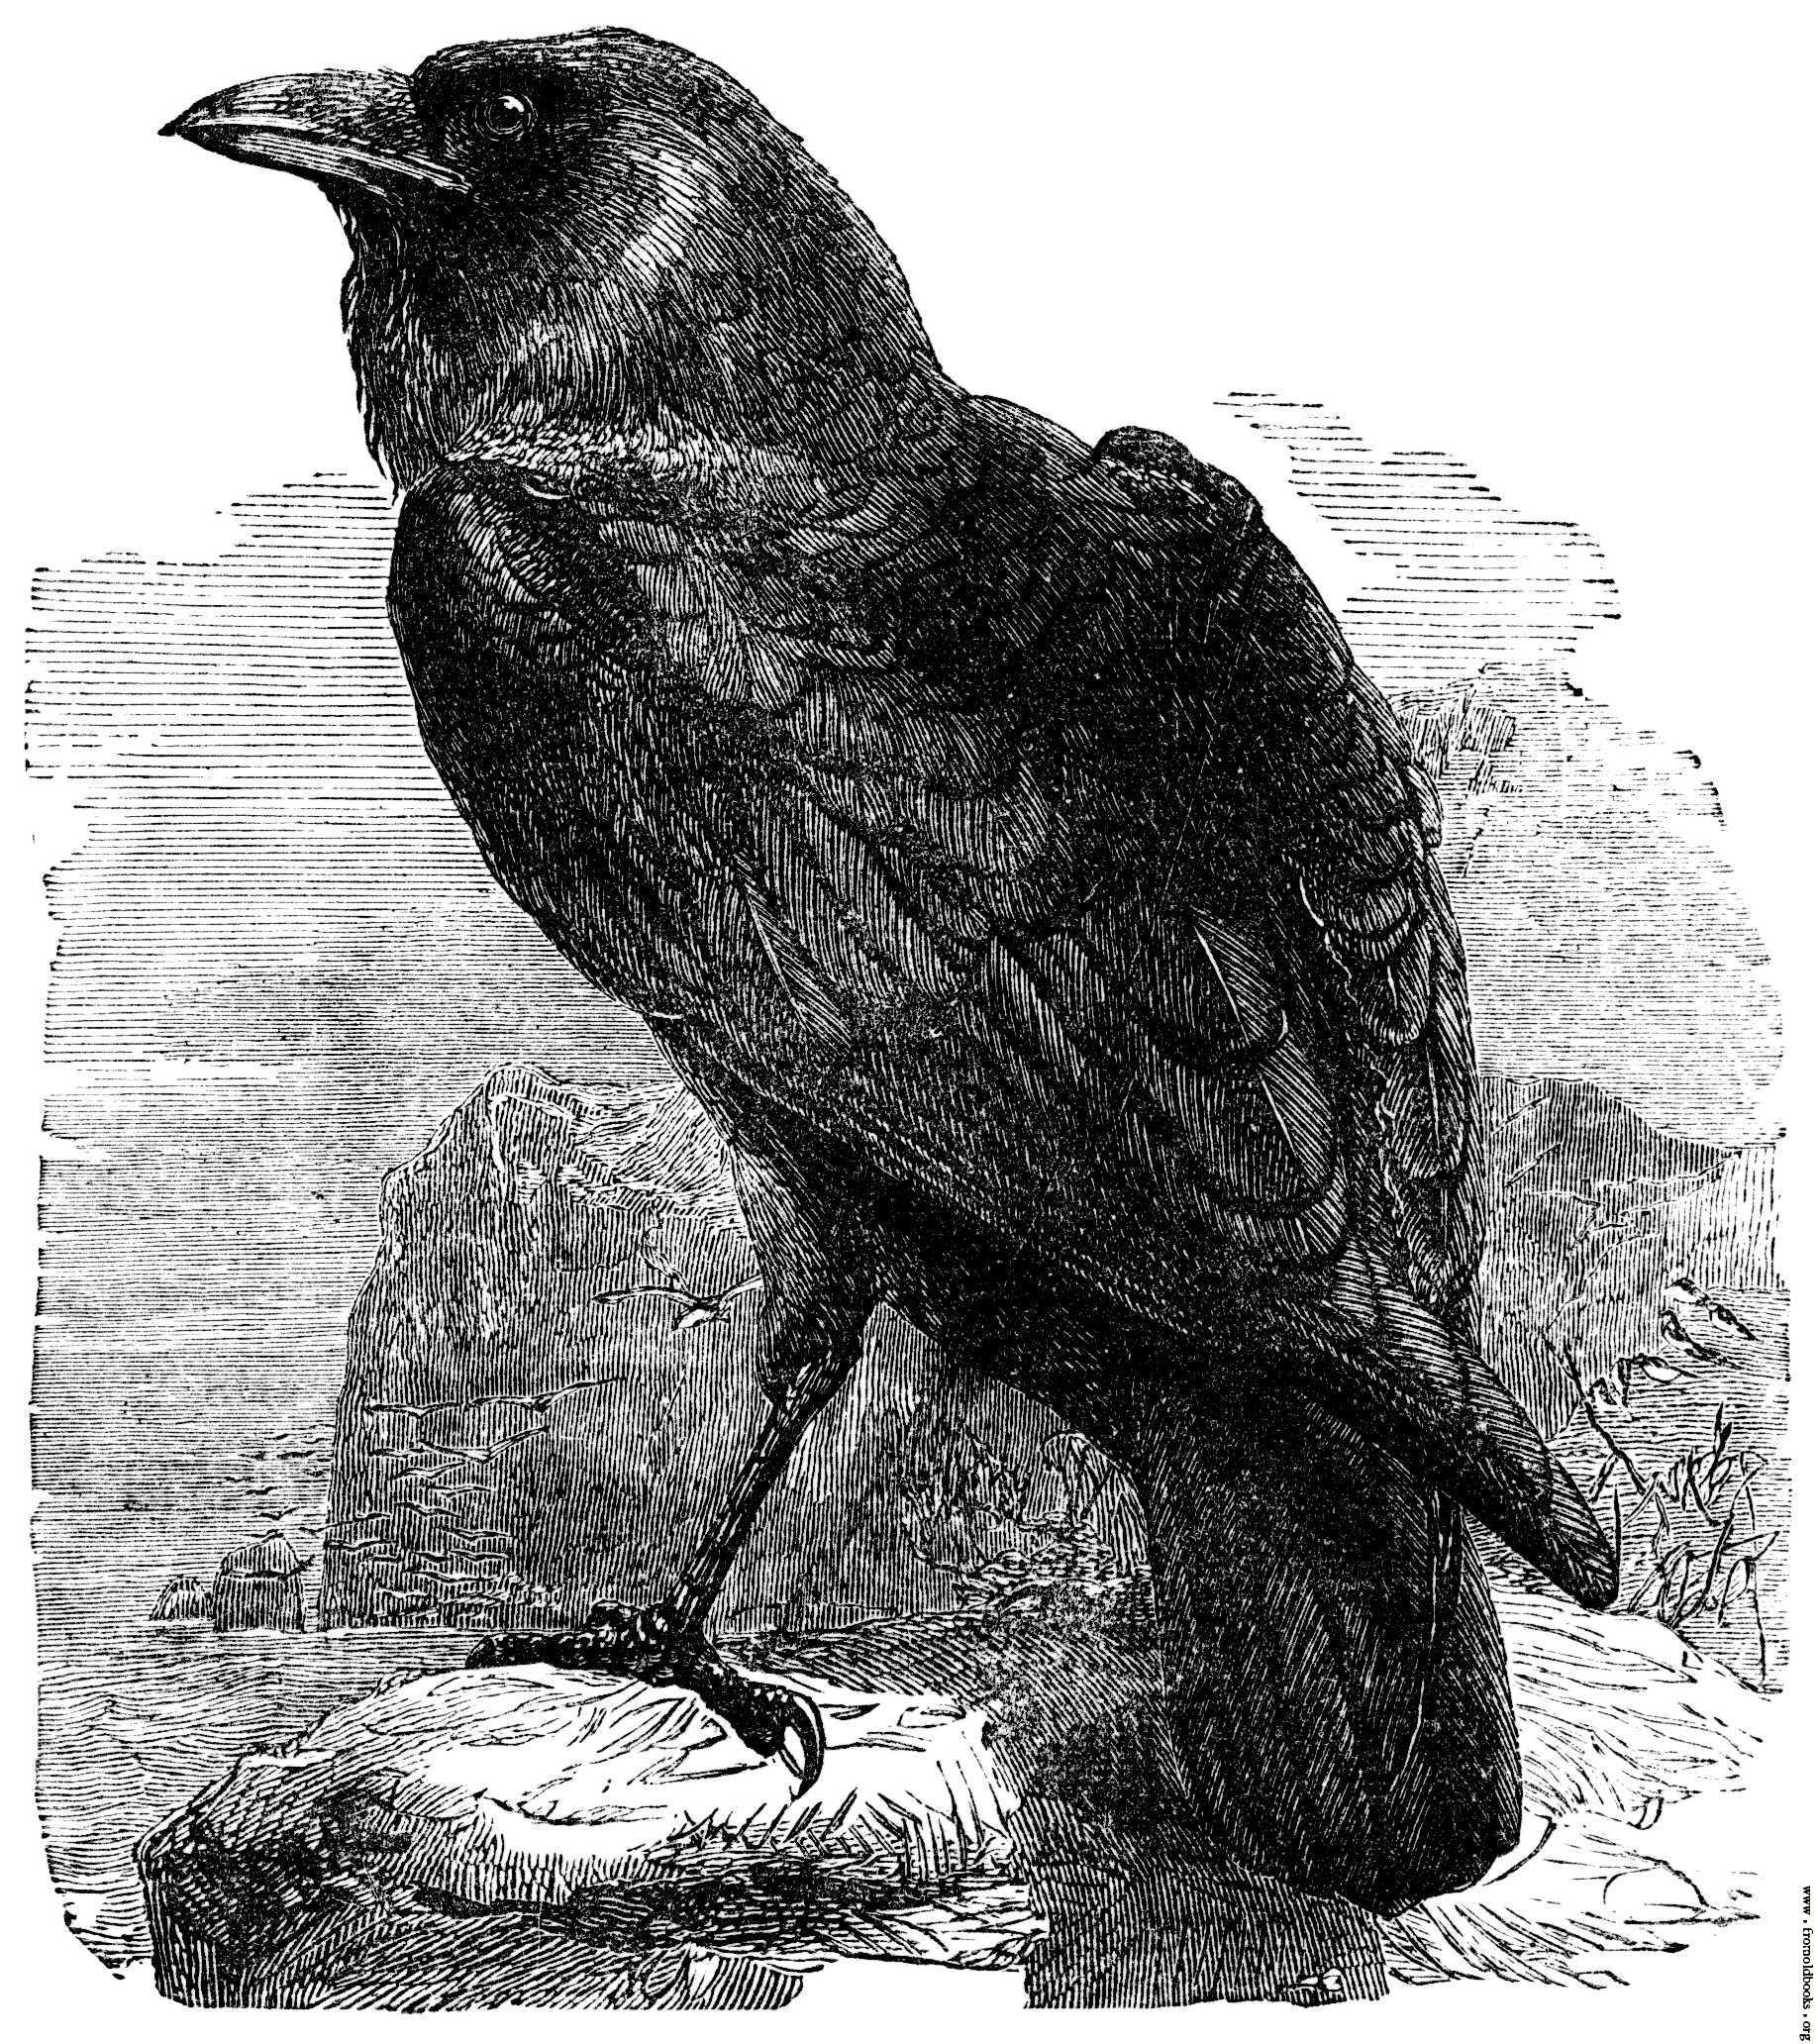 Drawn raven corvus corax 774K (Corvus Corax) 1836x2064 The